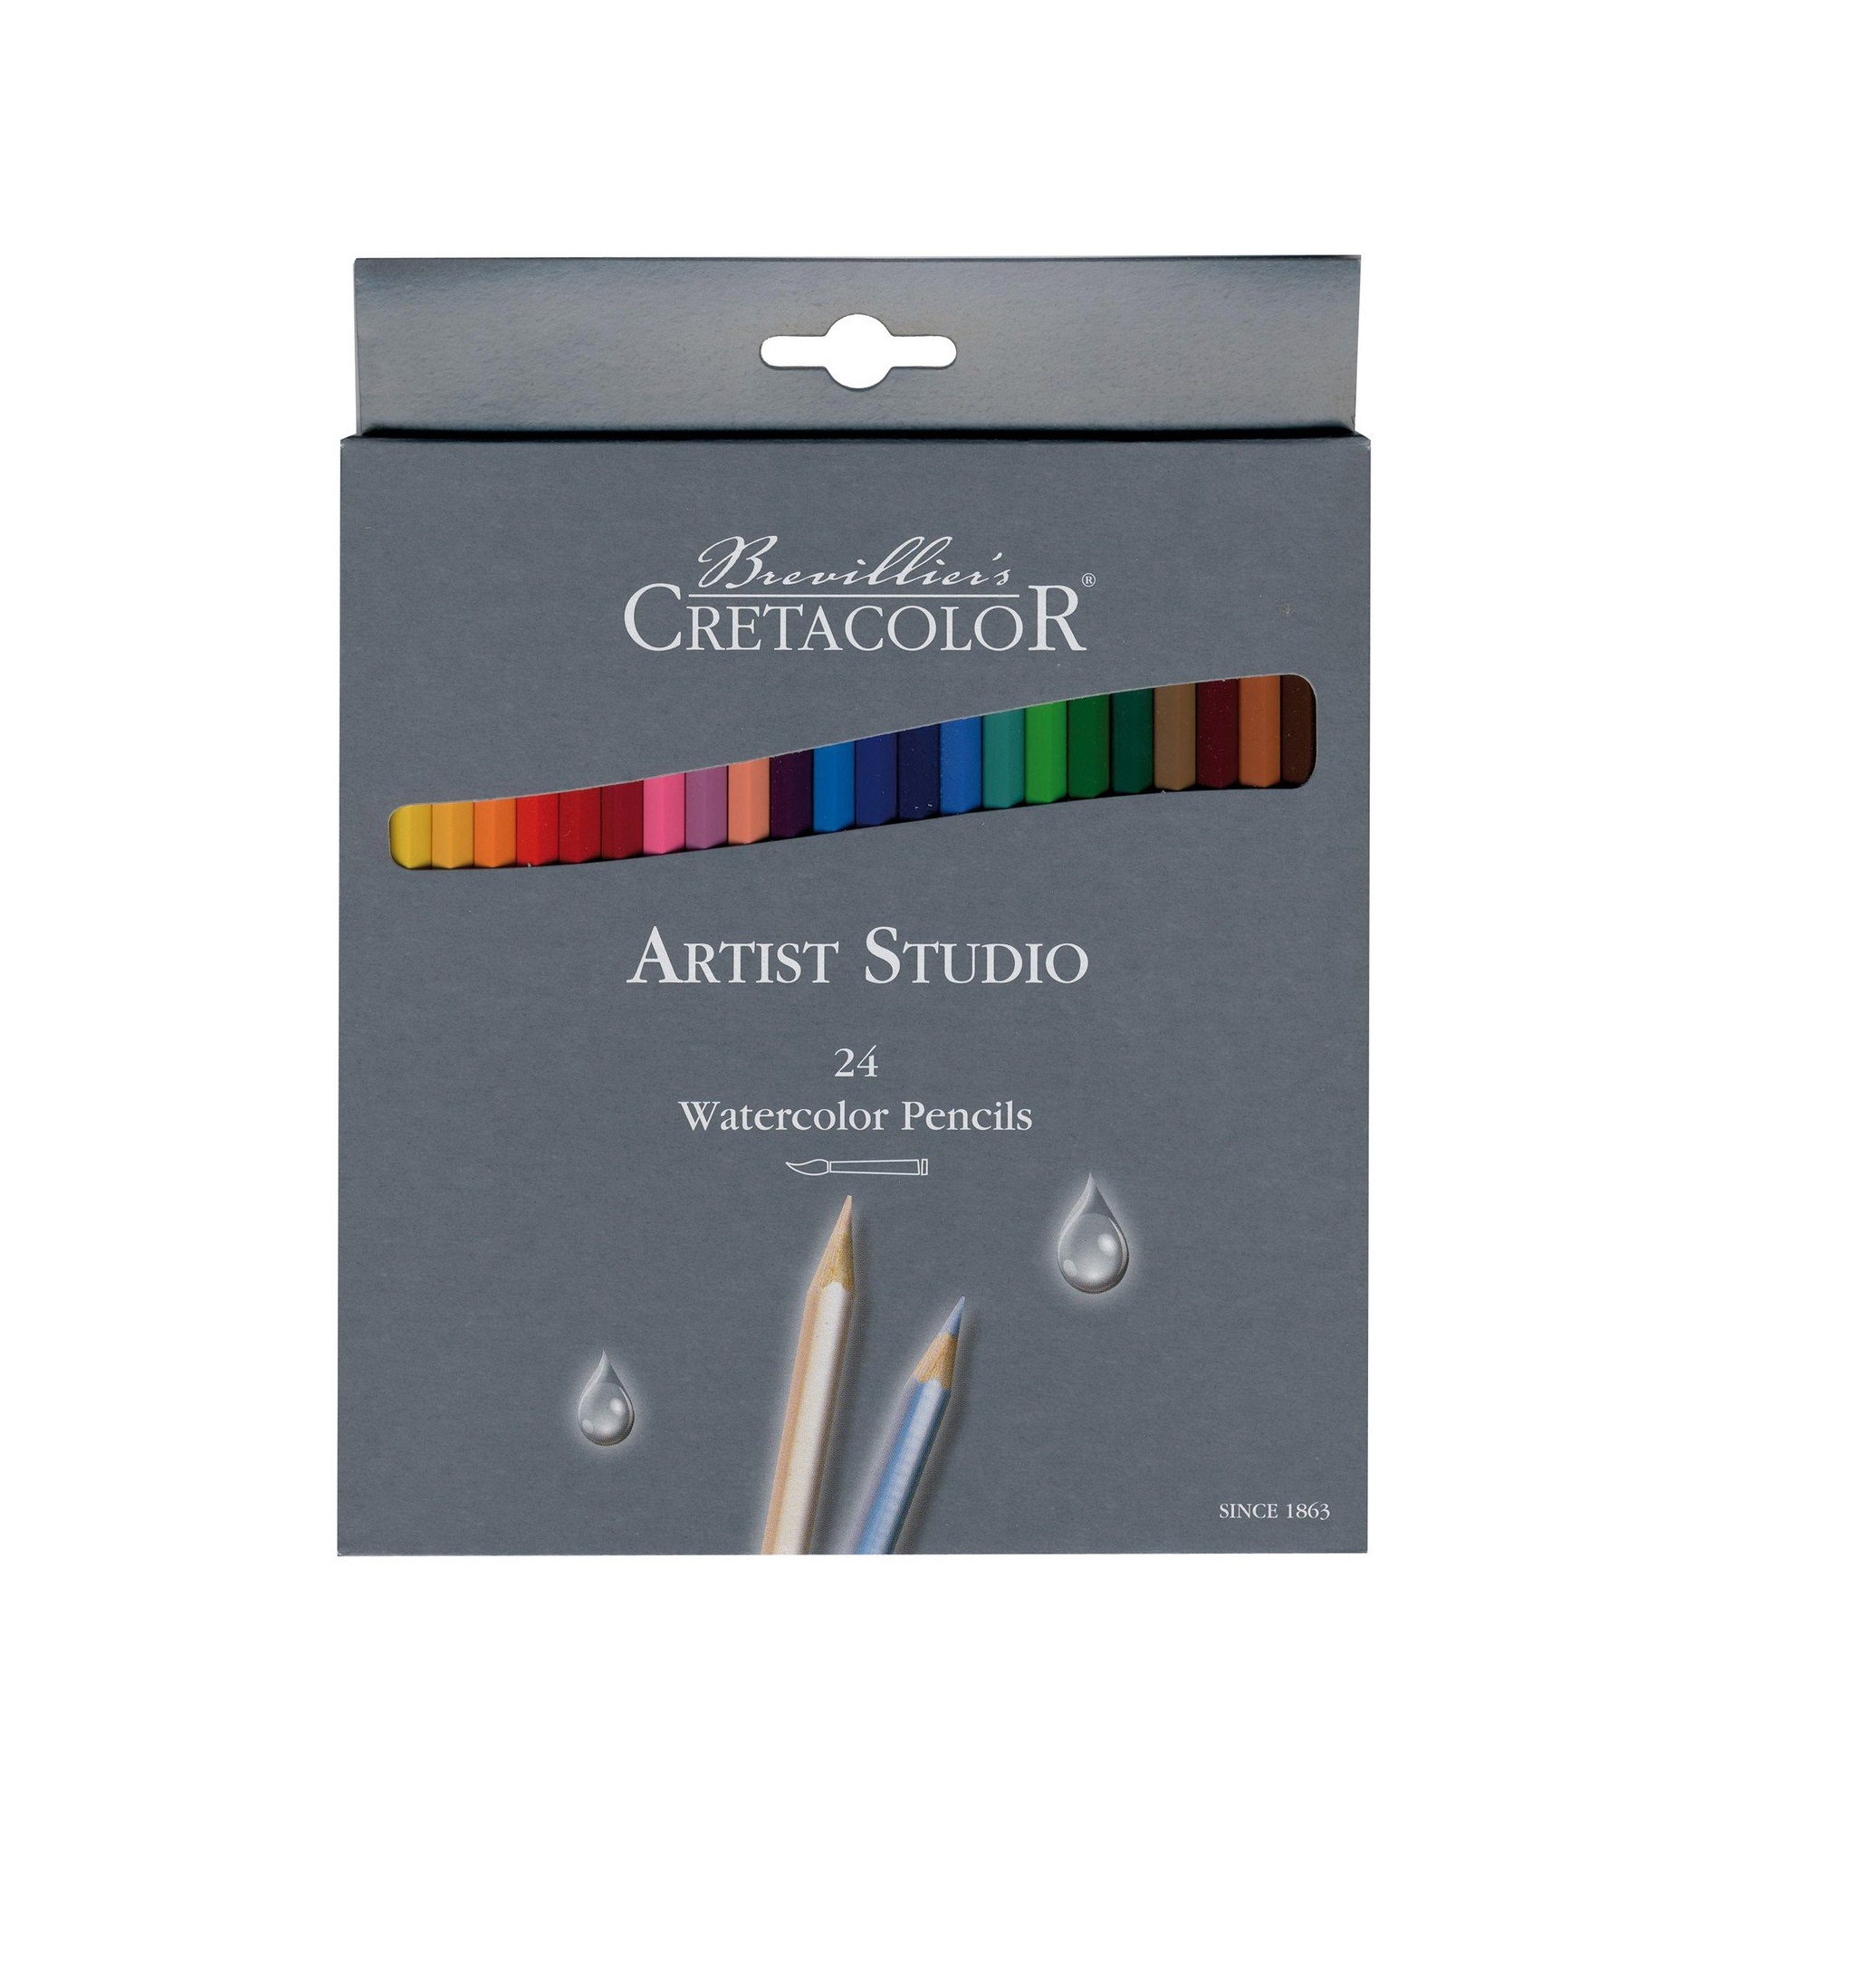 Cretacolor Artist Studio Watercolor Pencils - 24 Pencils